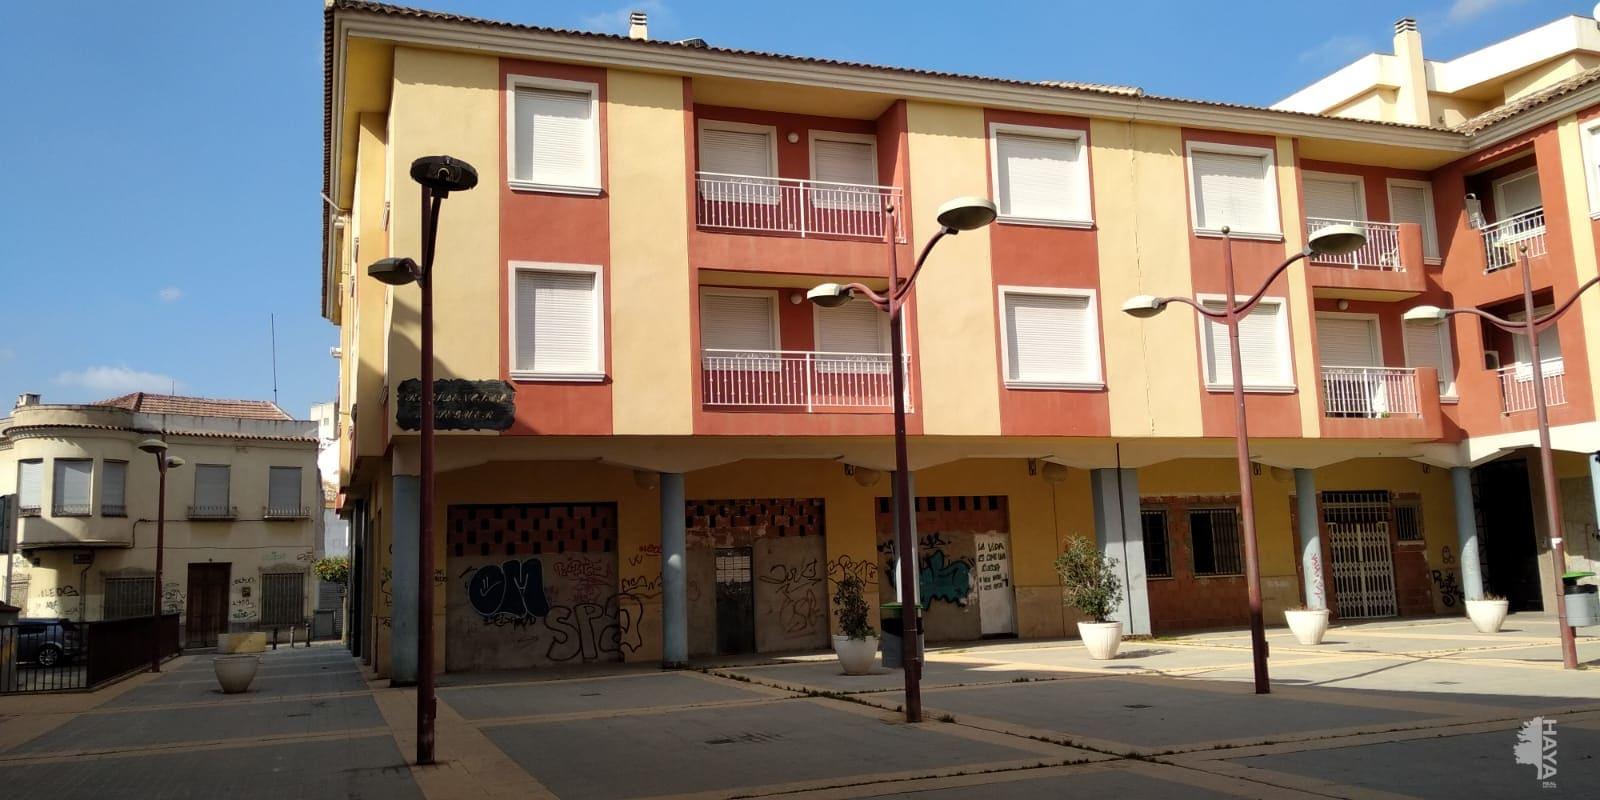 Local en venta en Alcantarilla, Murcia, Calle Moreno, 145.976 €, 169 m2